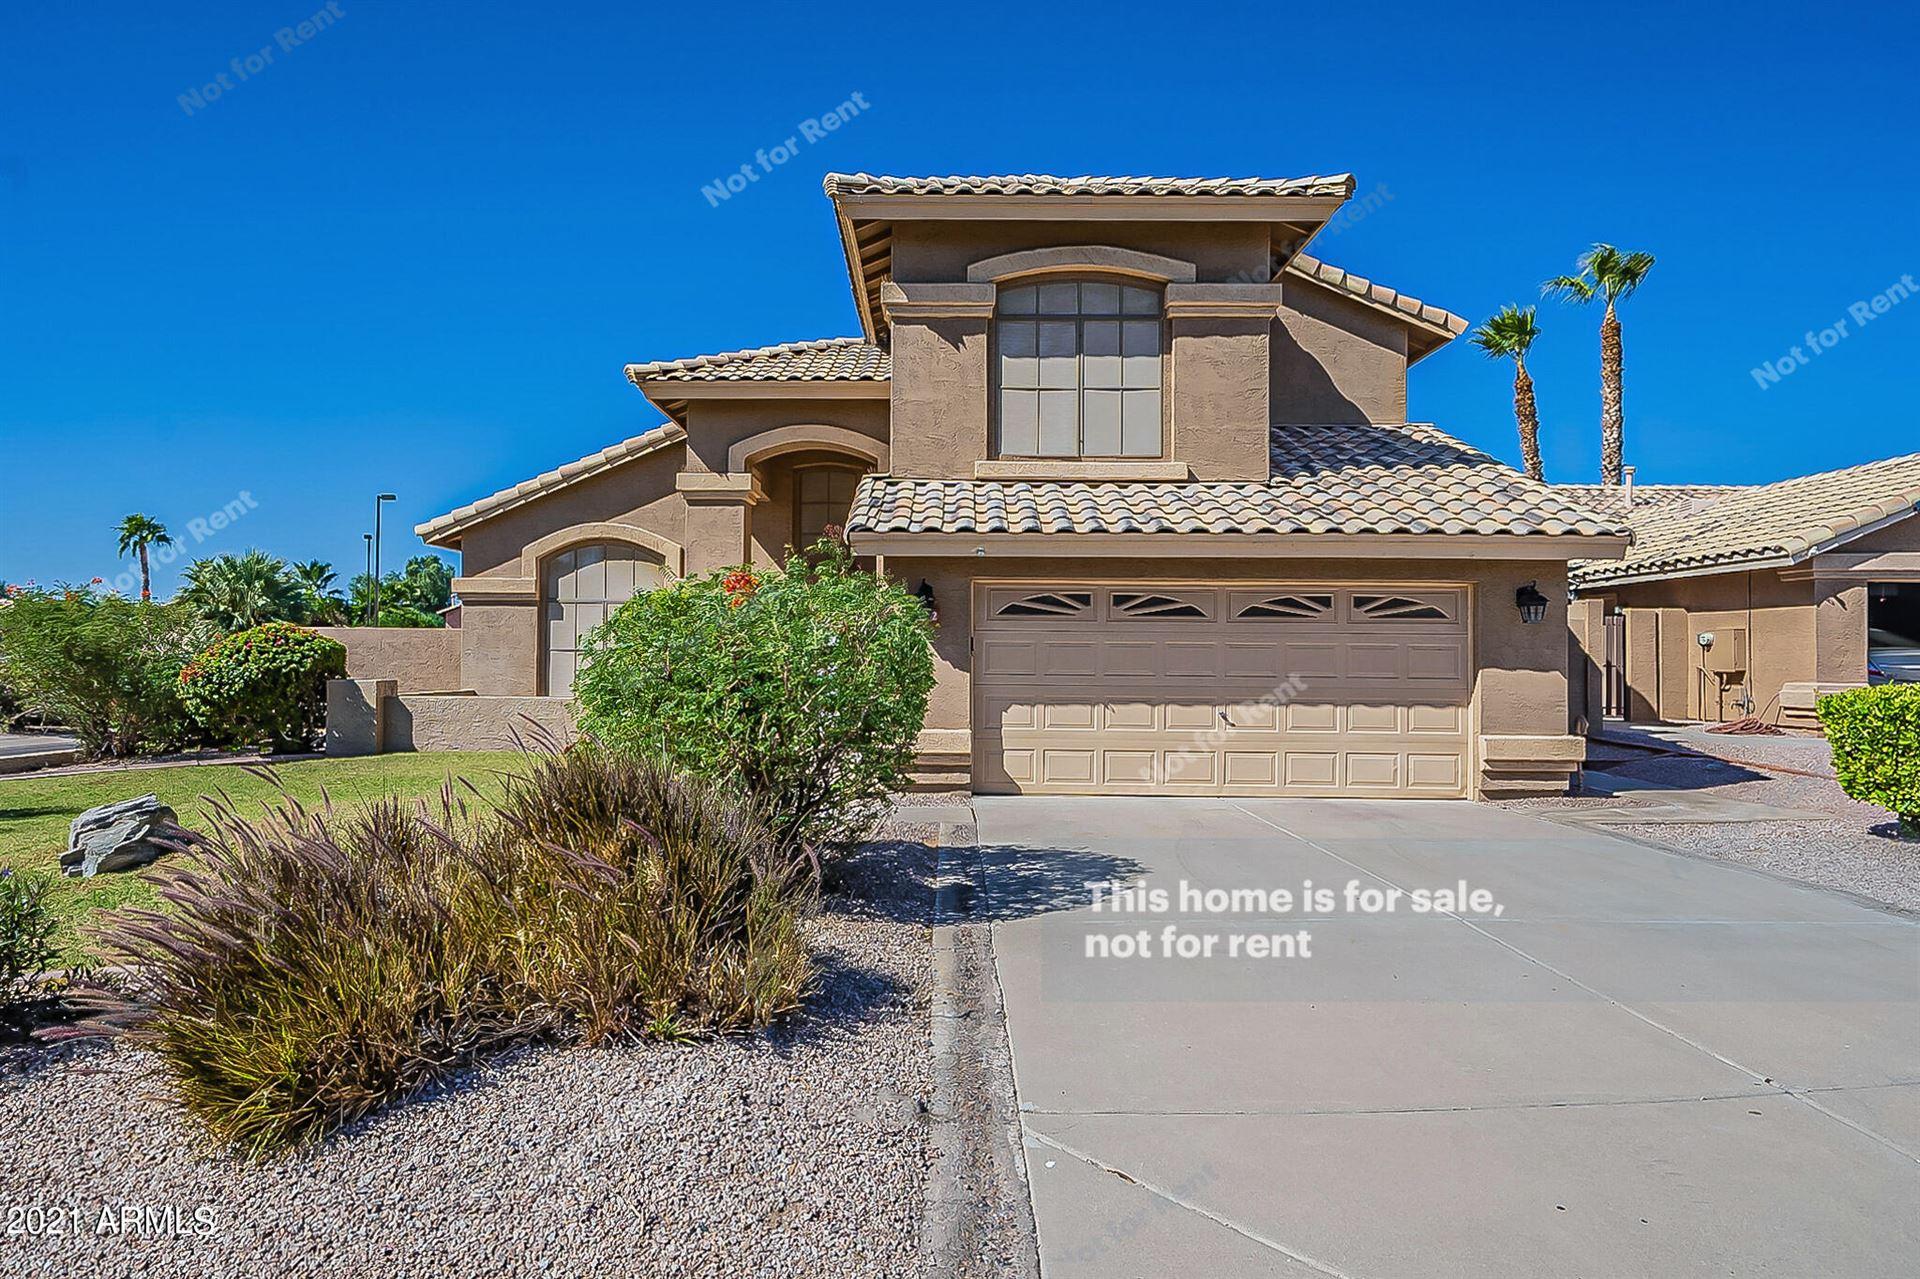 2462 S AUGUSTINE Circle, Mesa, AZ 85209 - #: 6309178